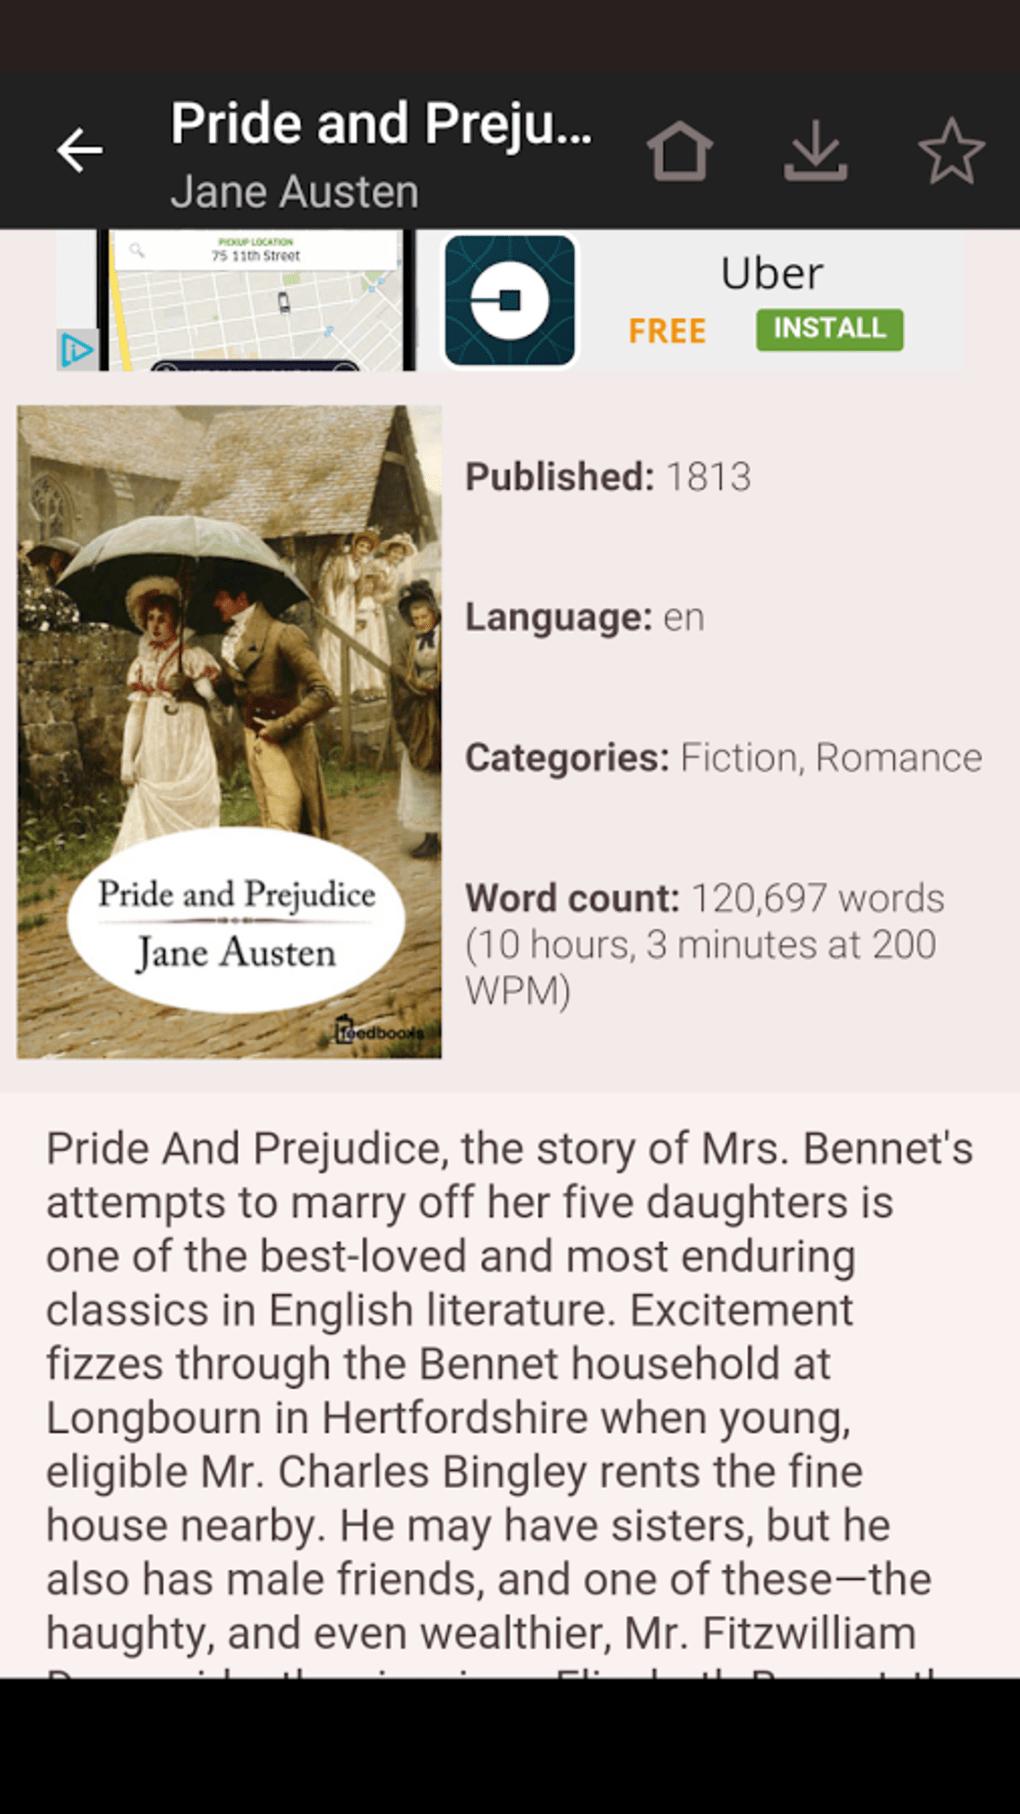 Indonesia prejudice ebook download and pride bahasa